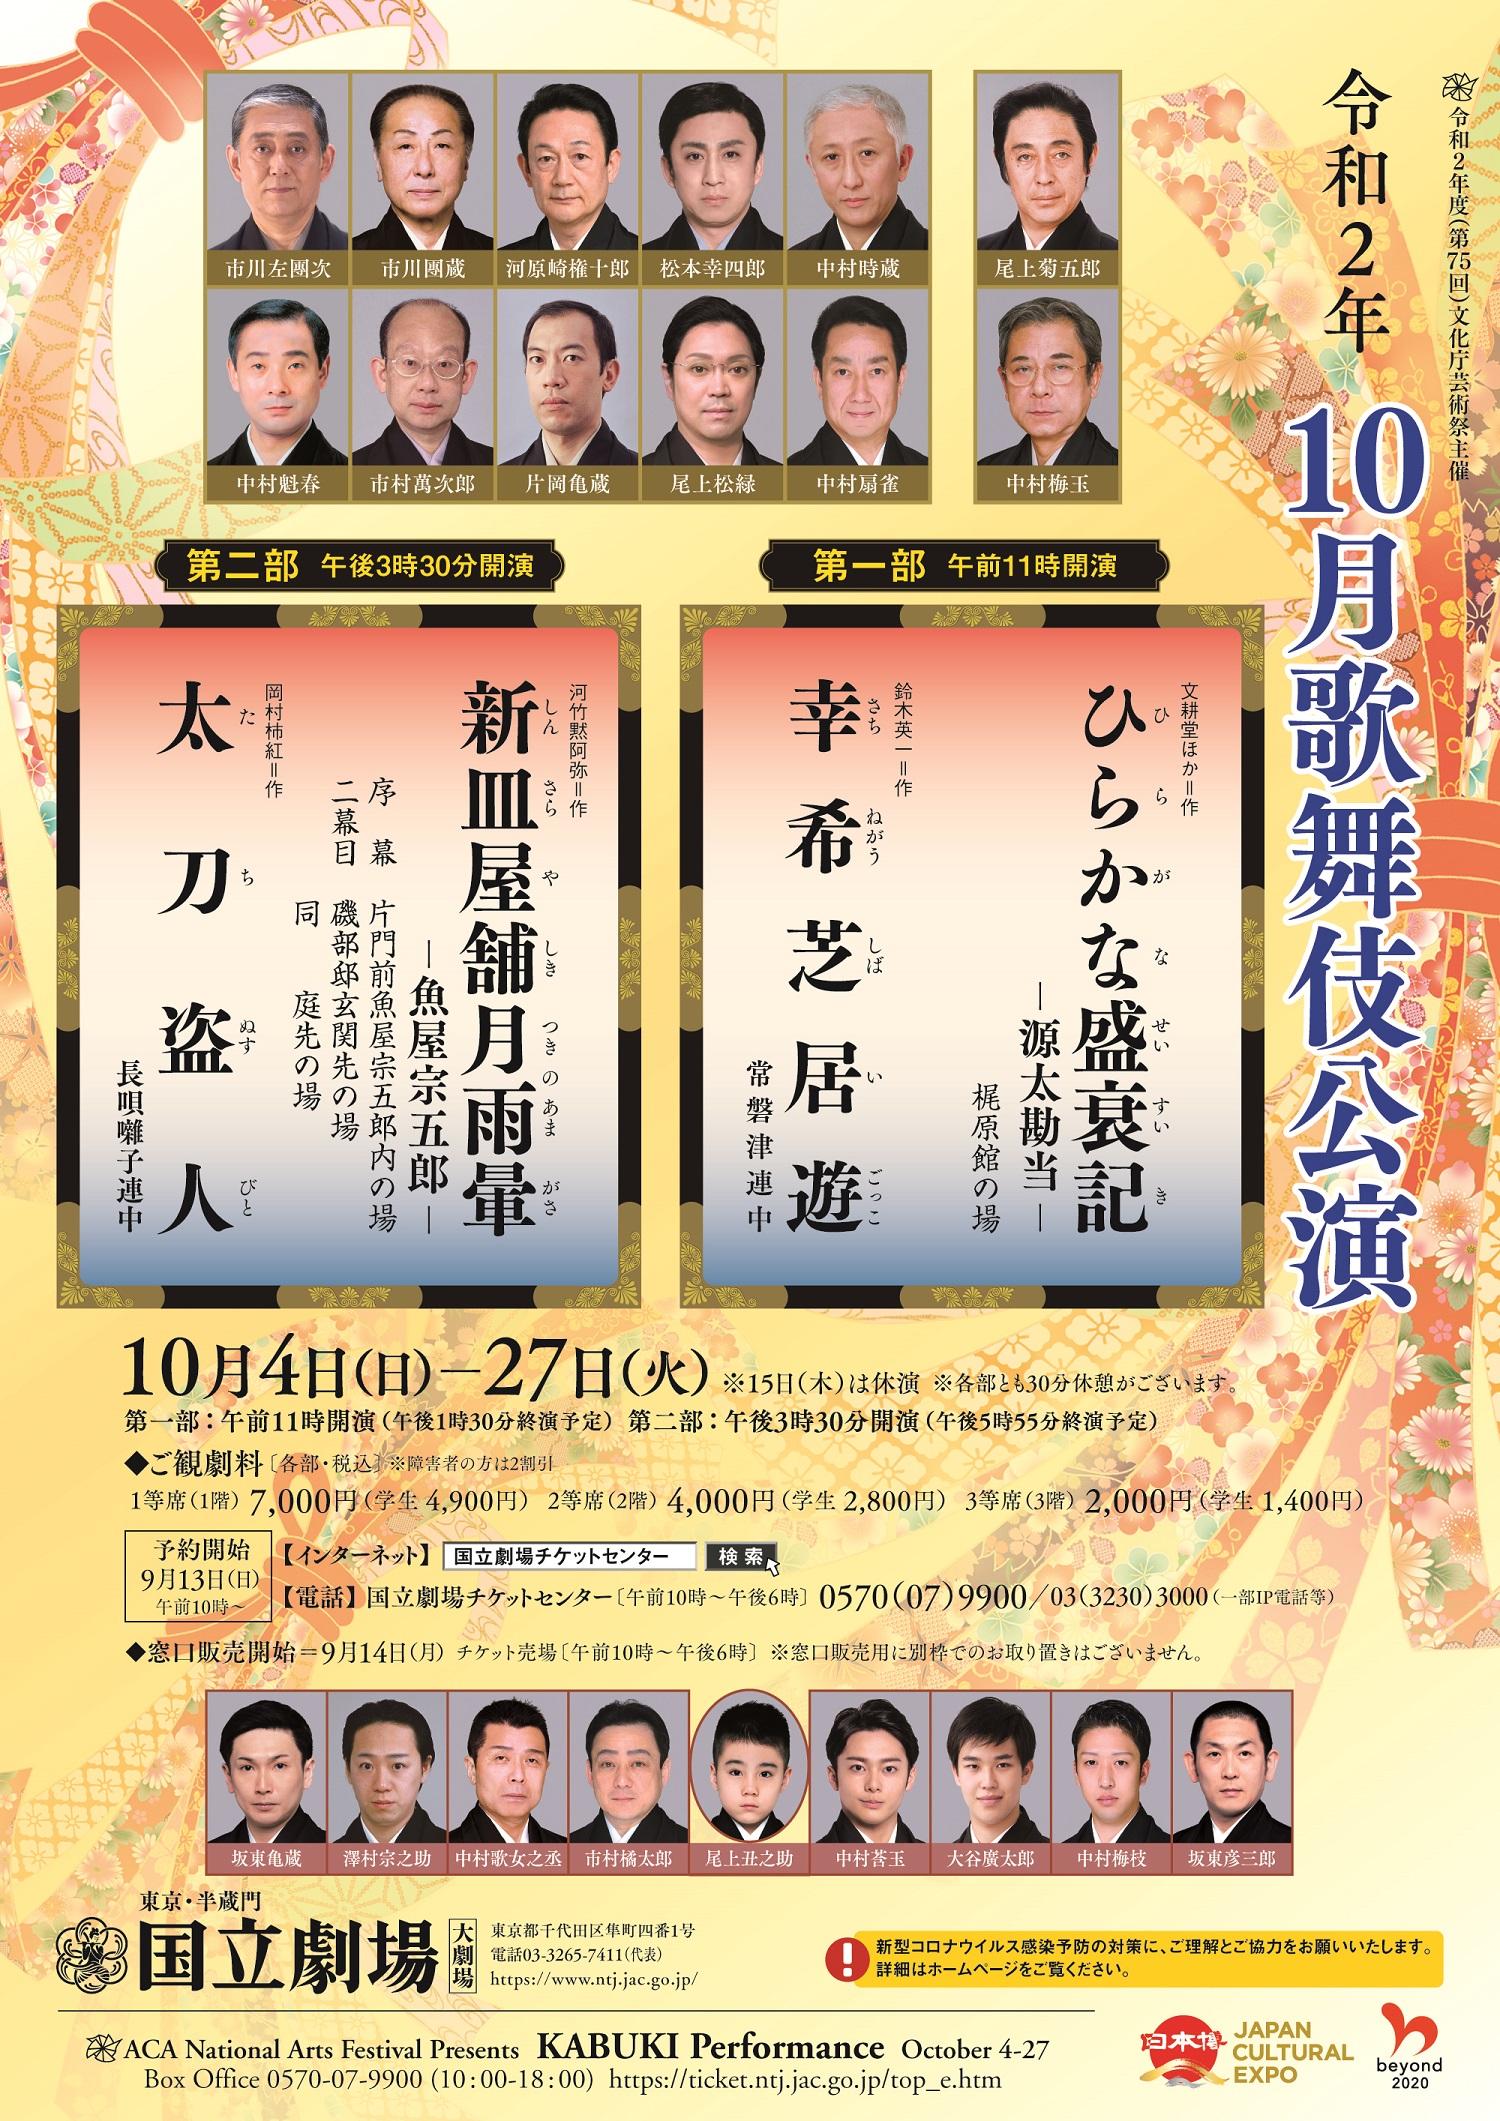 国立劇場10月歌舞伎公演チラシポスター